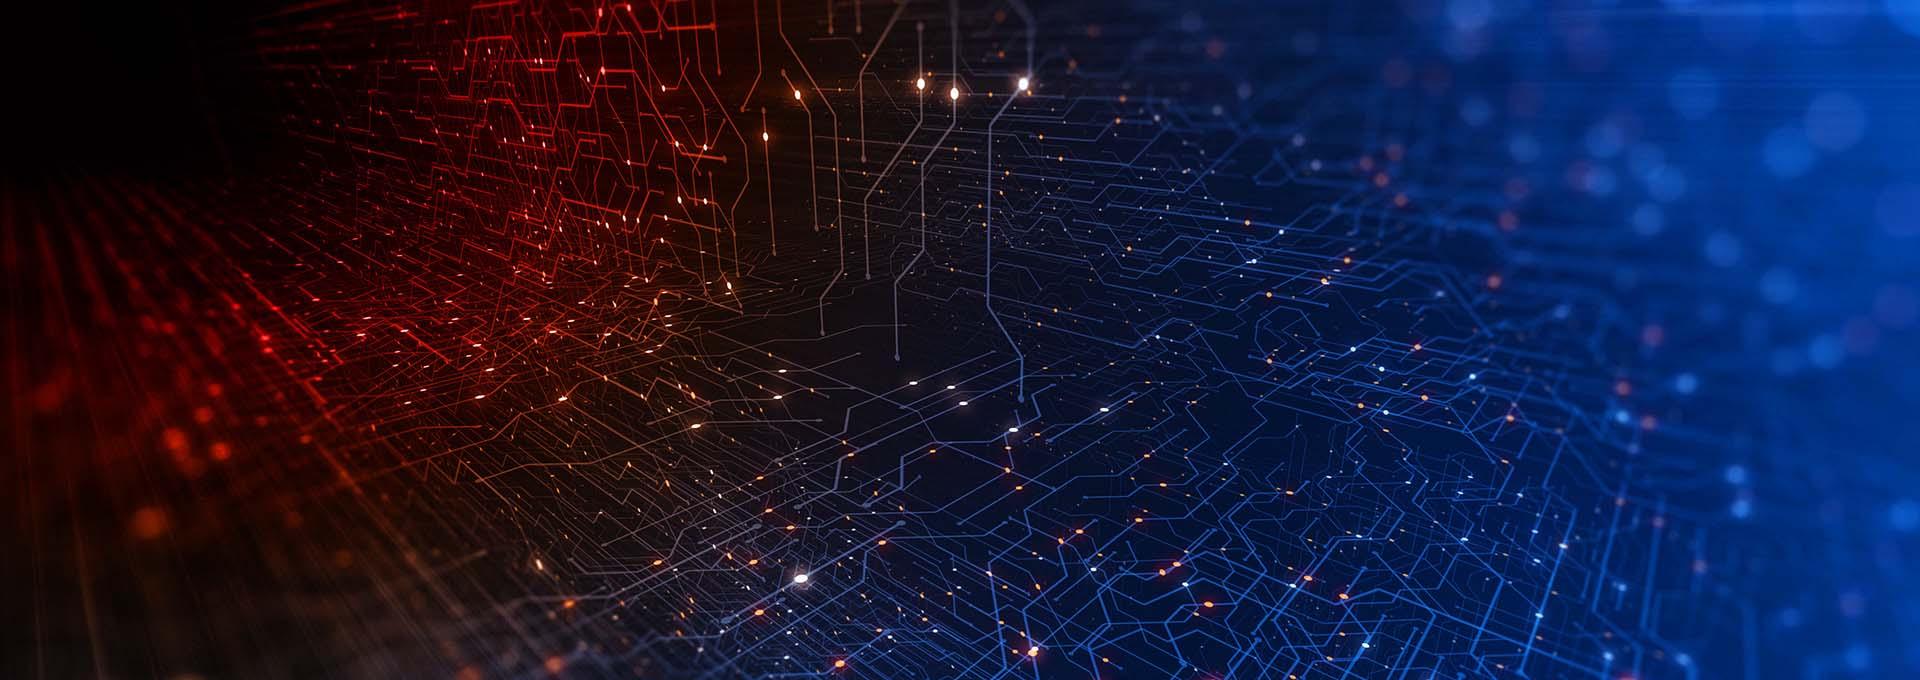 Een netwerk van verbonden stippen verlicht in rood en blauw symboliseert de digitale wereld van onze Oasisnxt Fitting Software